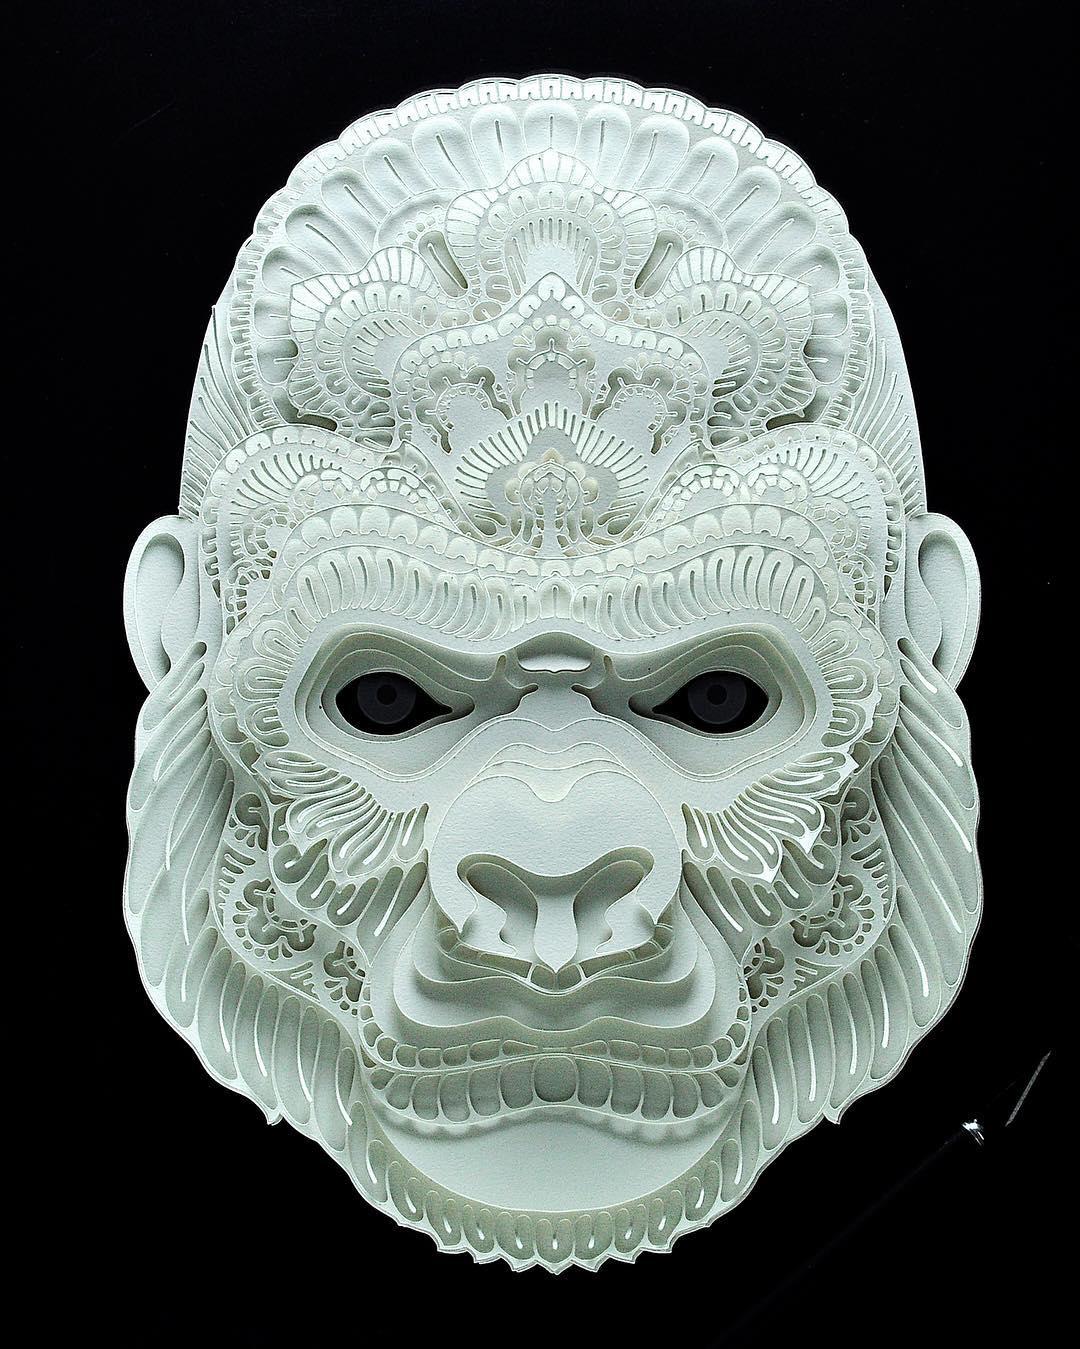 Avec du simple papier, il réalise de superbes portraits d'animaux en voie de disparition Patrick-cabral-papier-portraits-animaux-29